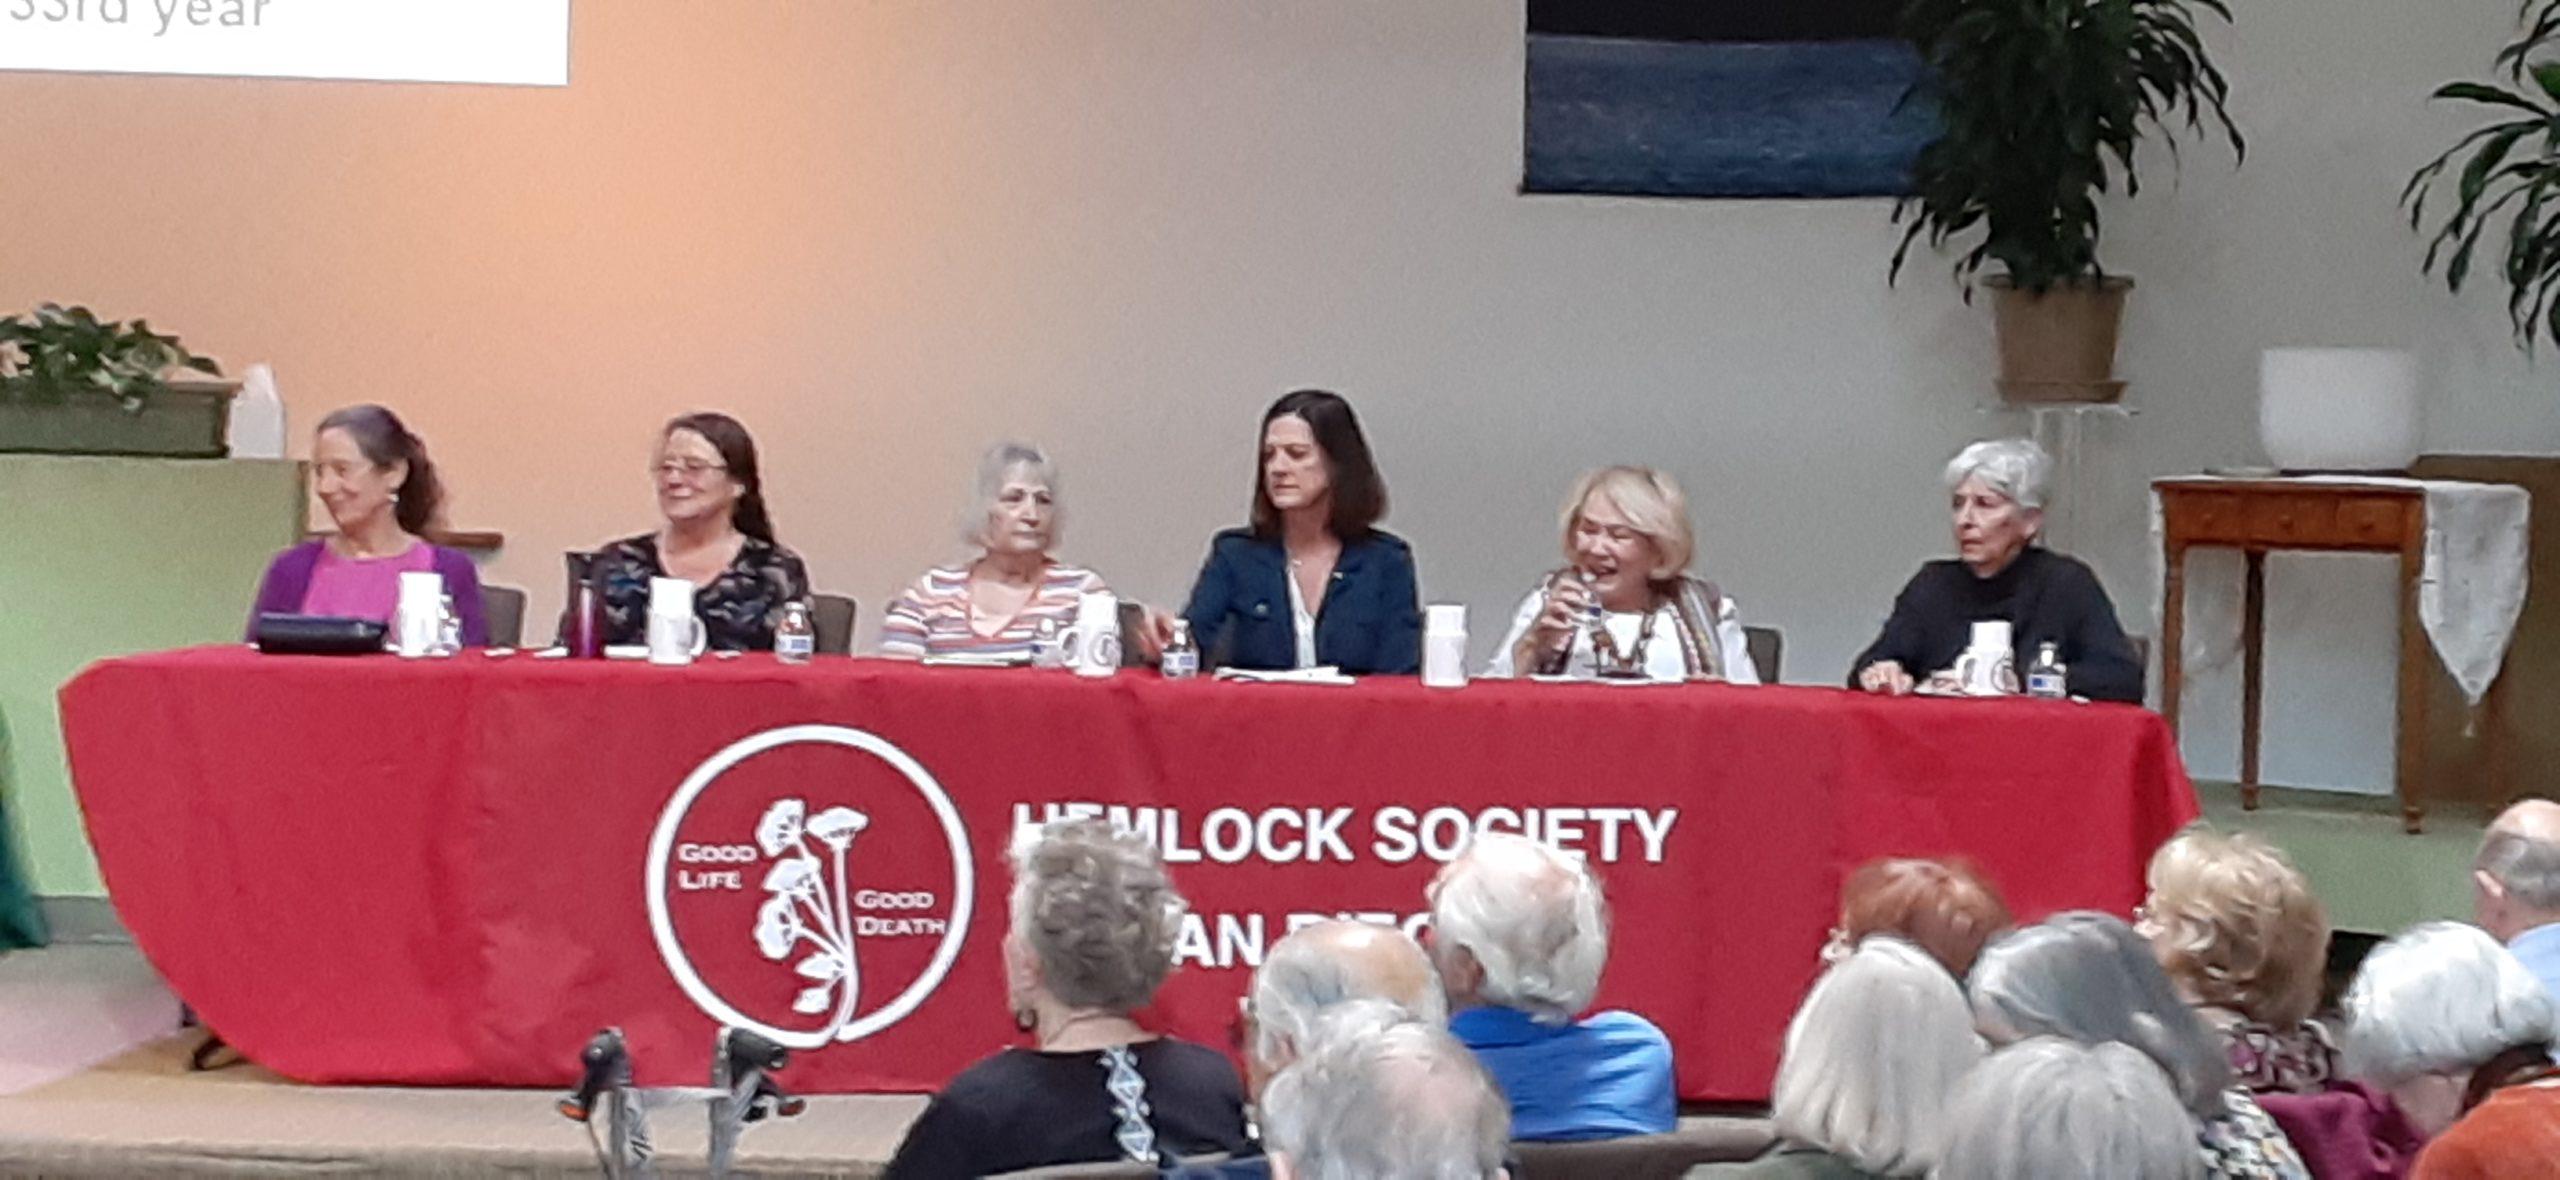 Speaker Panel Hemlock Society Of San Diego Jan. 19, 2020